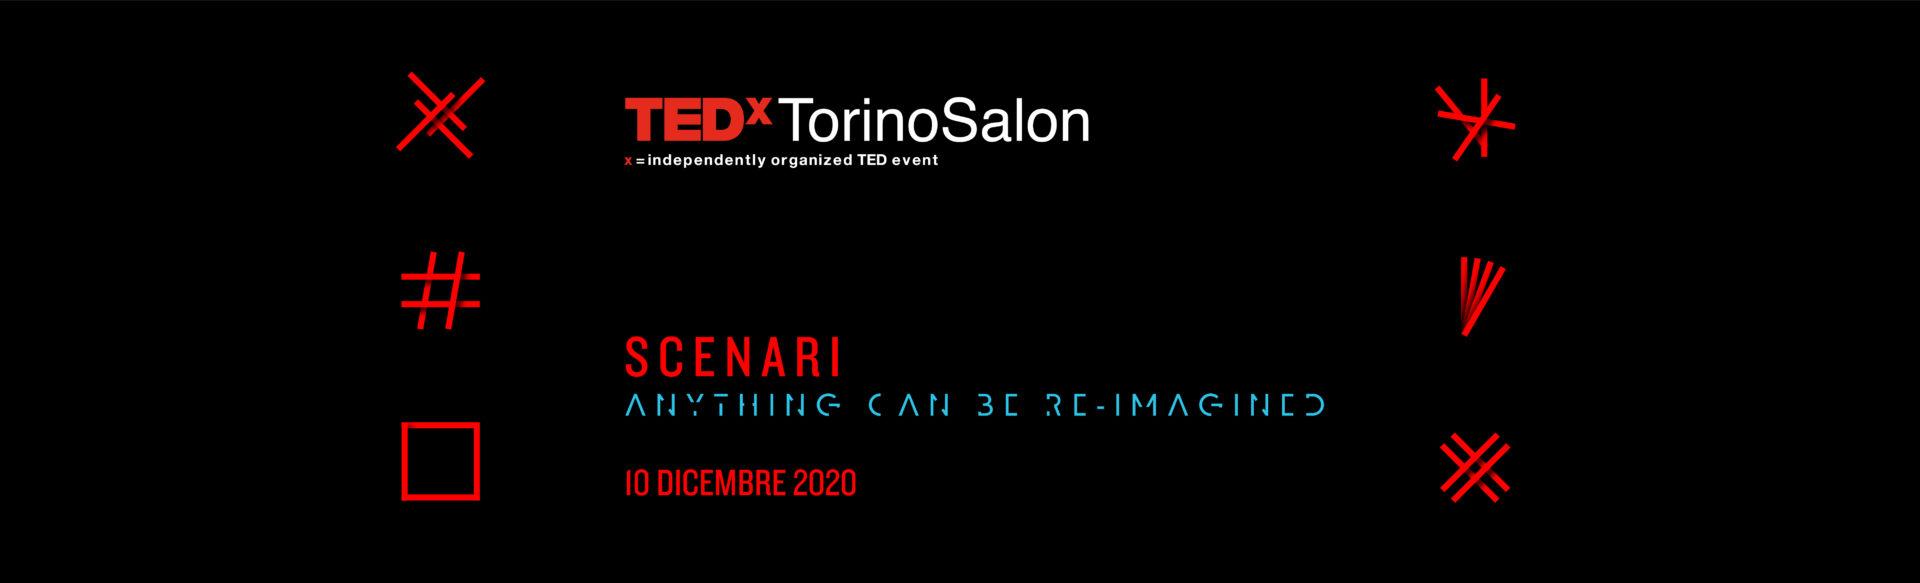 TEDxTorinoSalon SCENARI